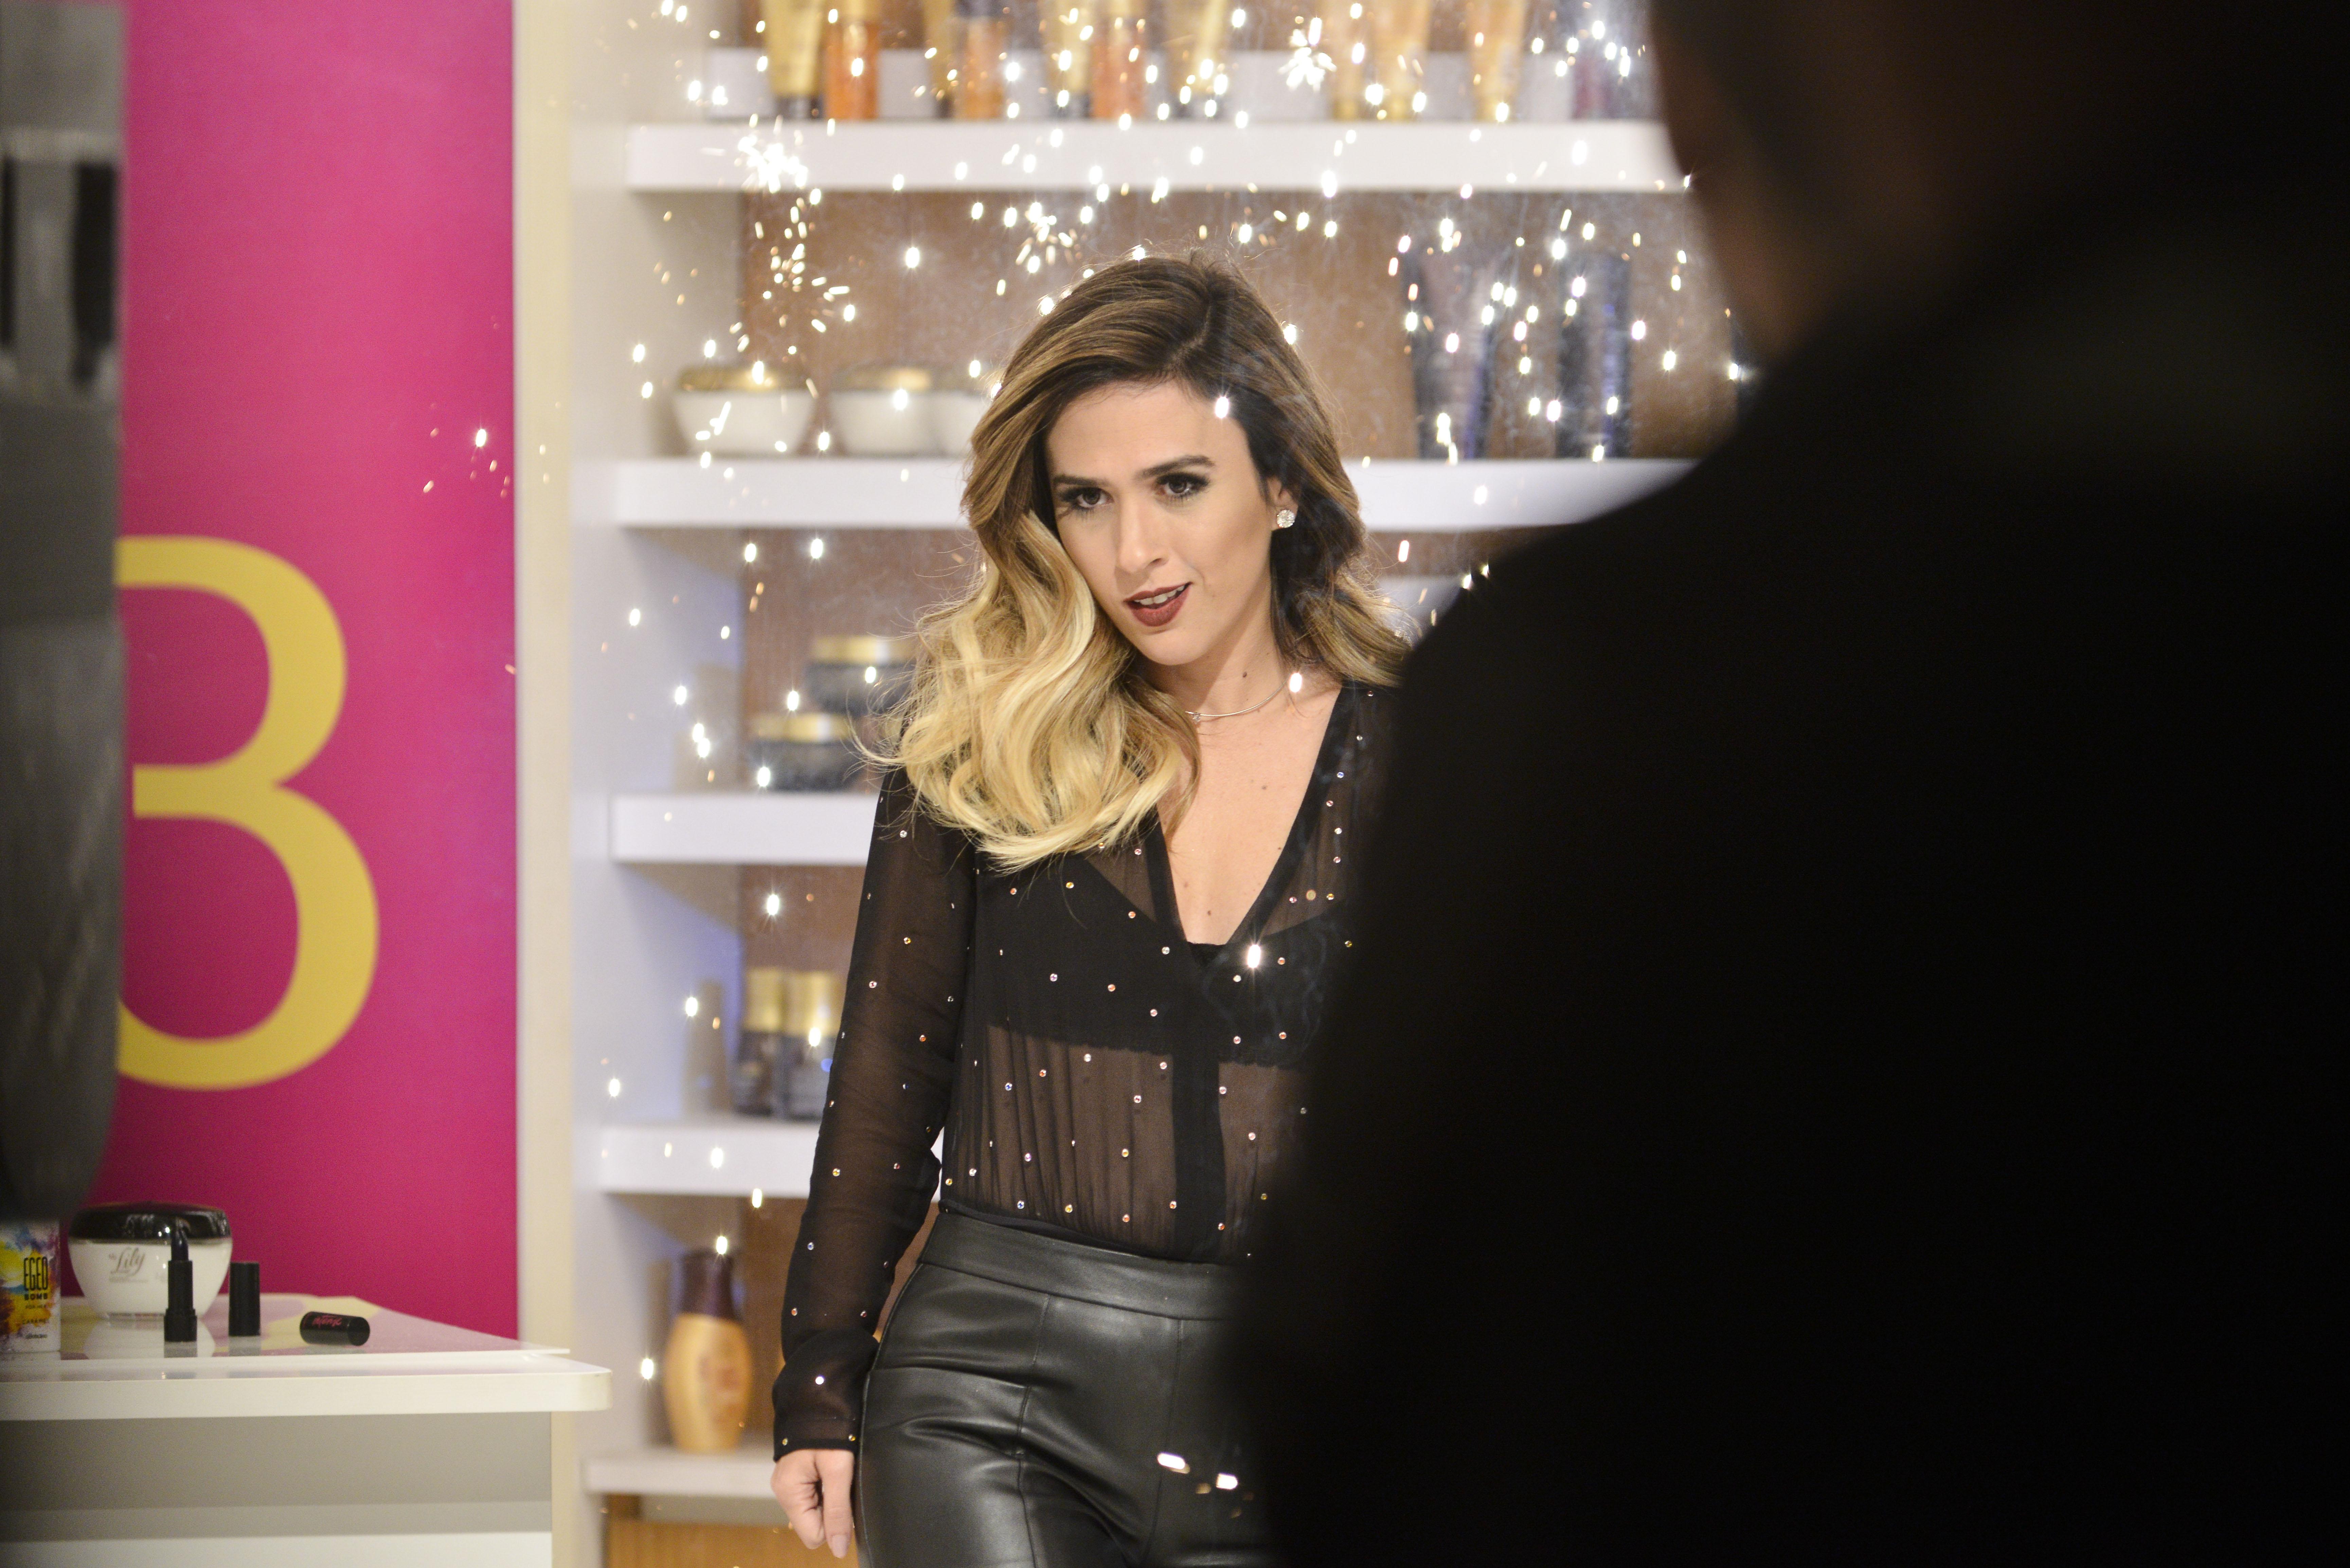 Mais de 200 itens de perfumaria, cuidados pessoais e maquiagem estarão com  preço reduzido. Consumidores também concorrem a 30 segundos dentro da loja  para ... 026e71e2d6